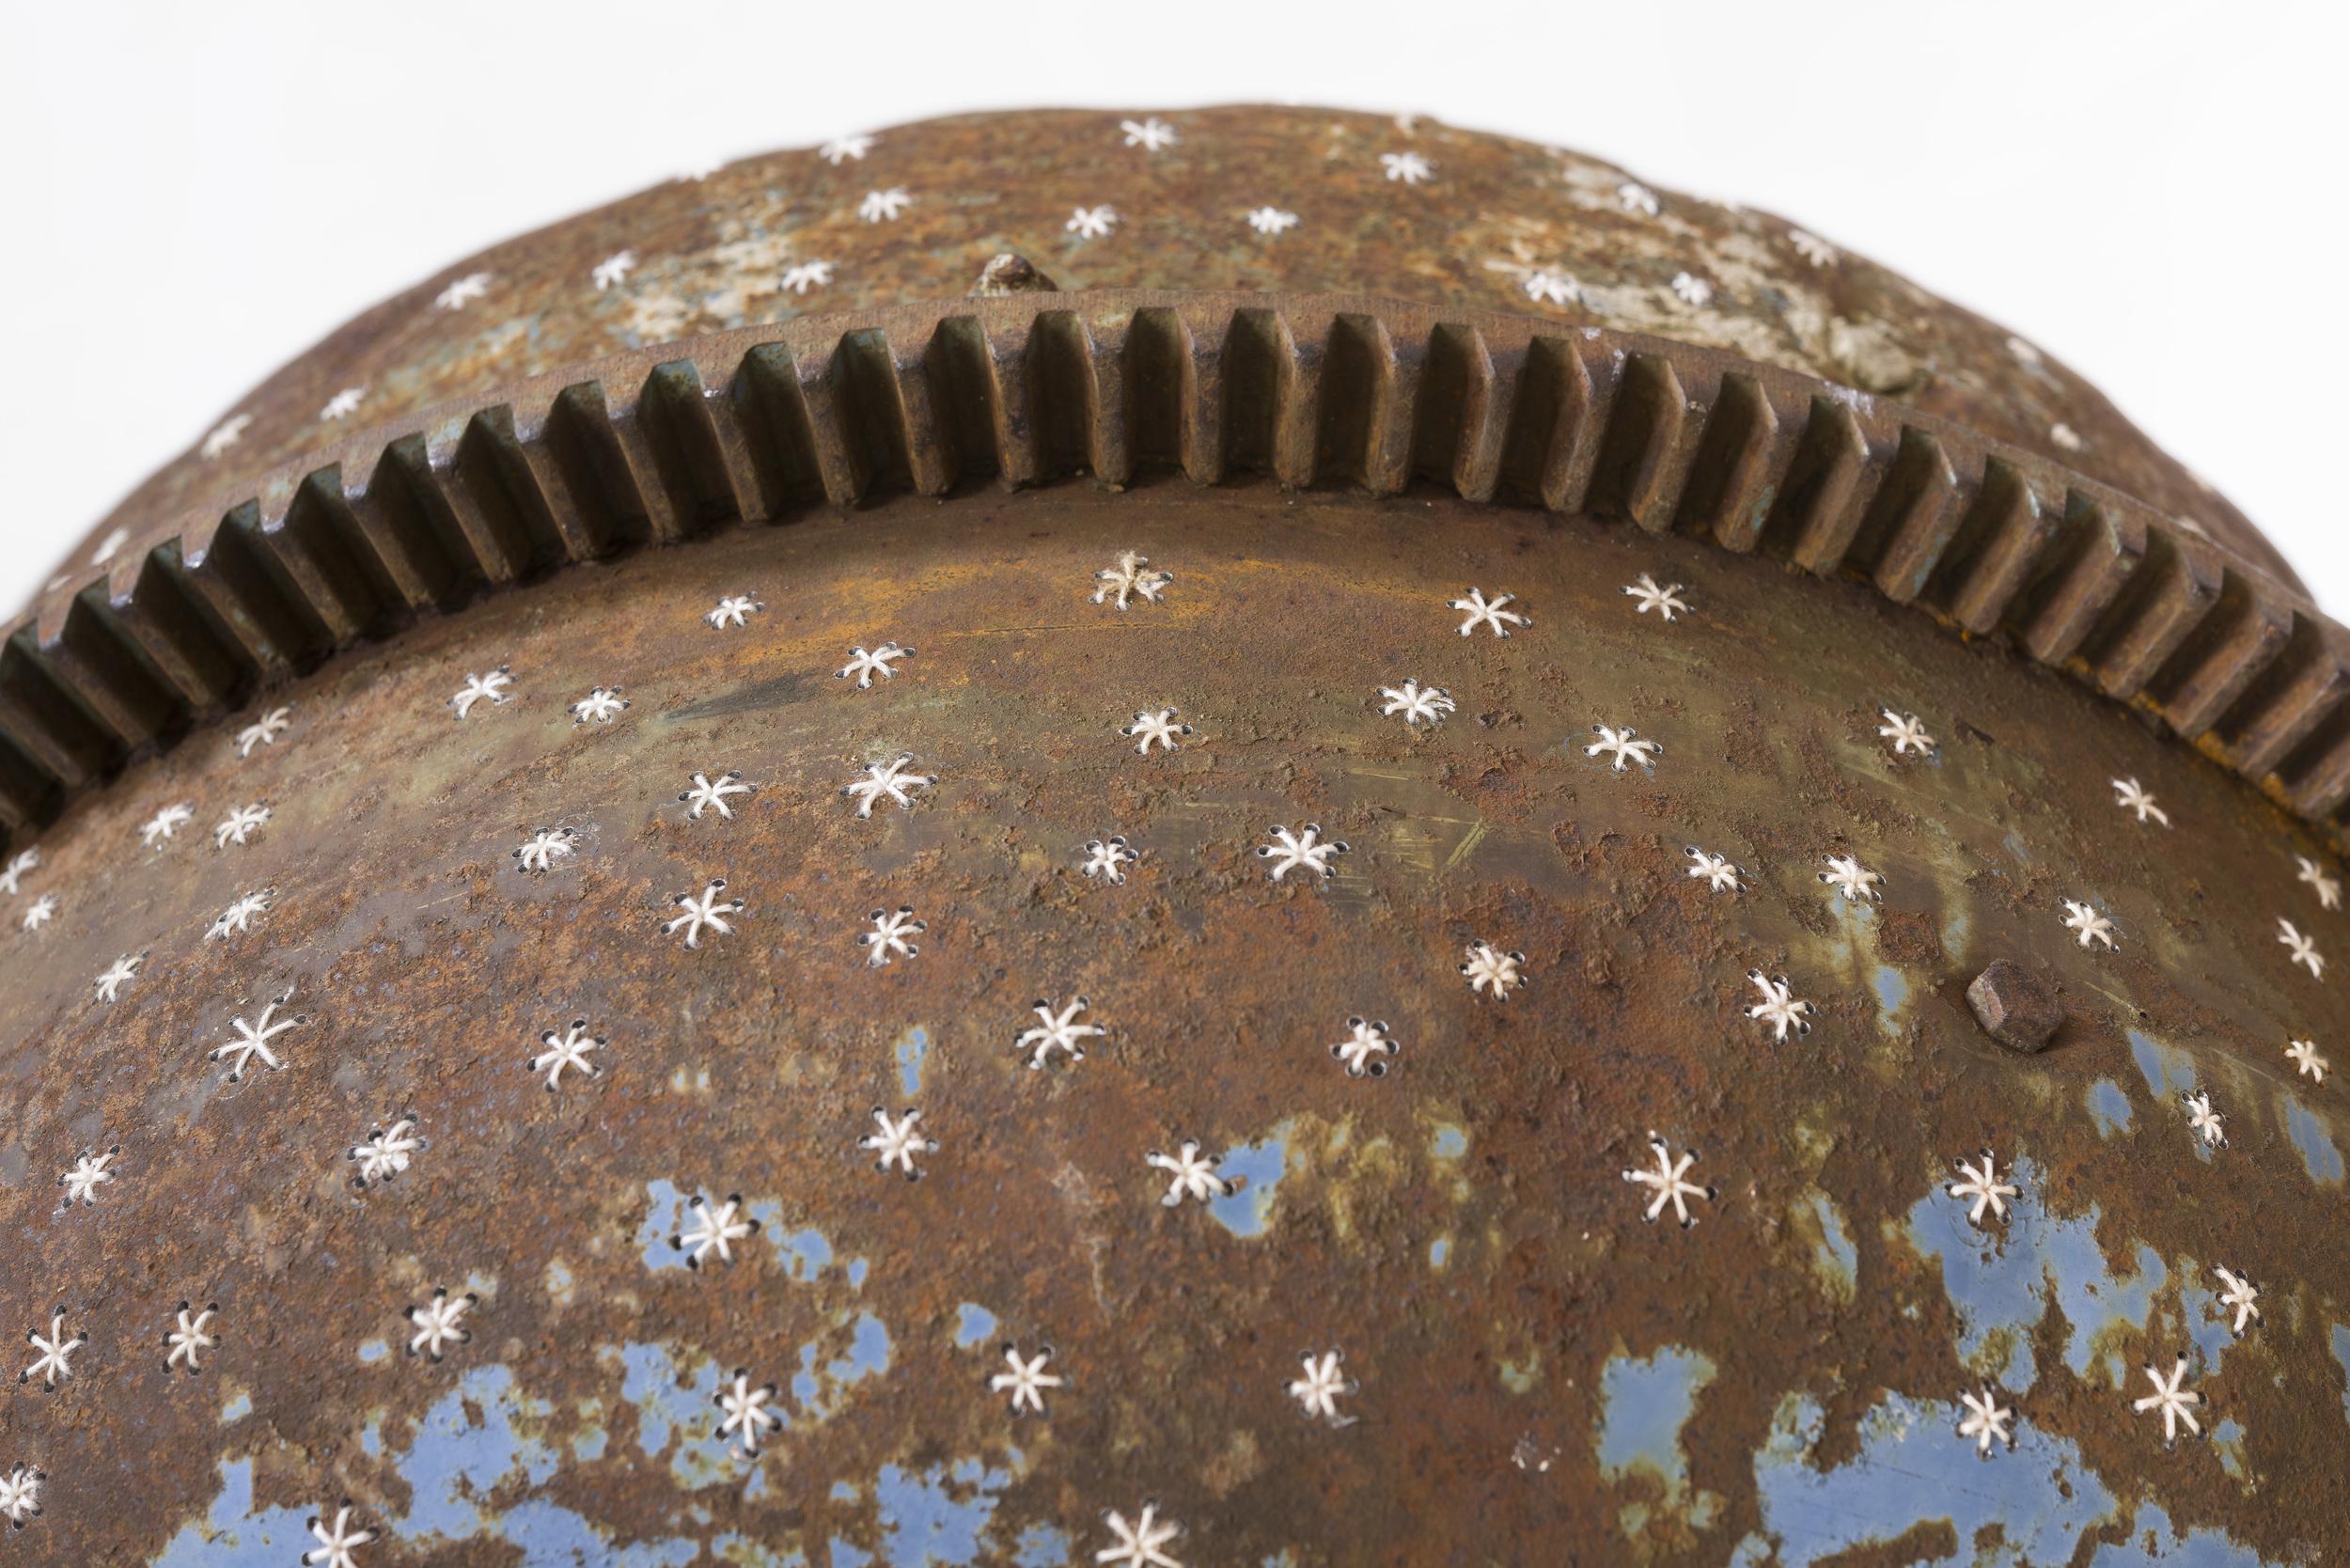 """""""Stjernehimmel"""" av Regien Cox. Fra serien """"Winnowing"""". Broderi på bearbeidet betongblander. Foto: Nasjonalmuseet."""